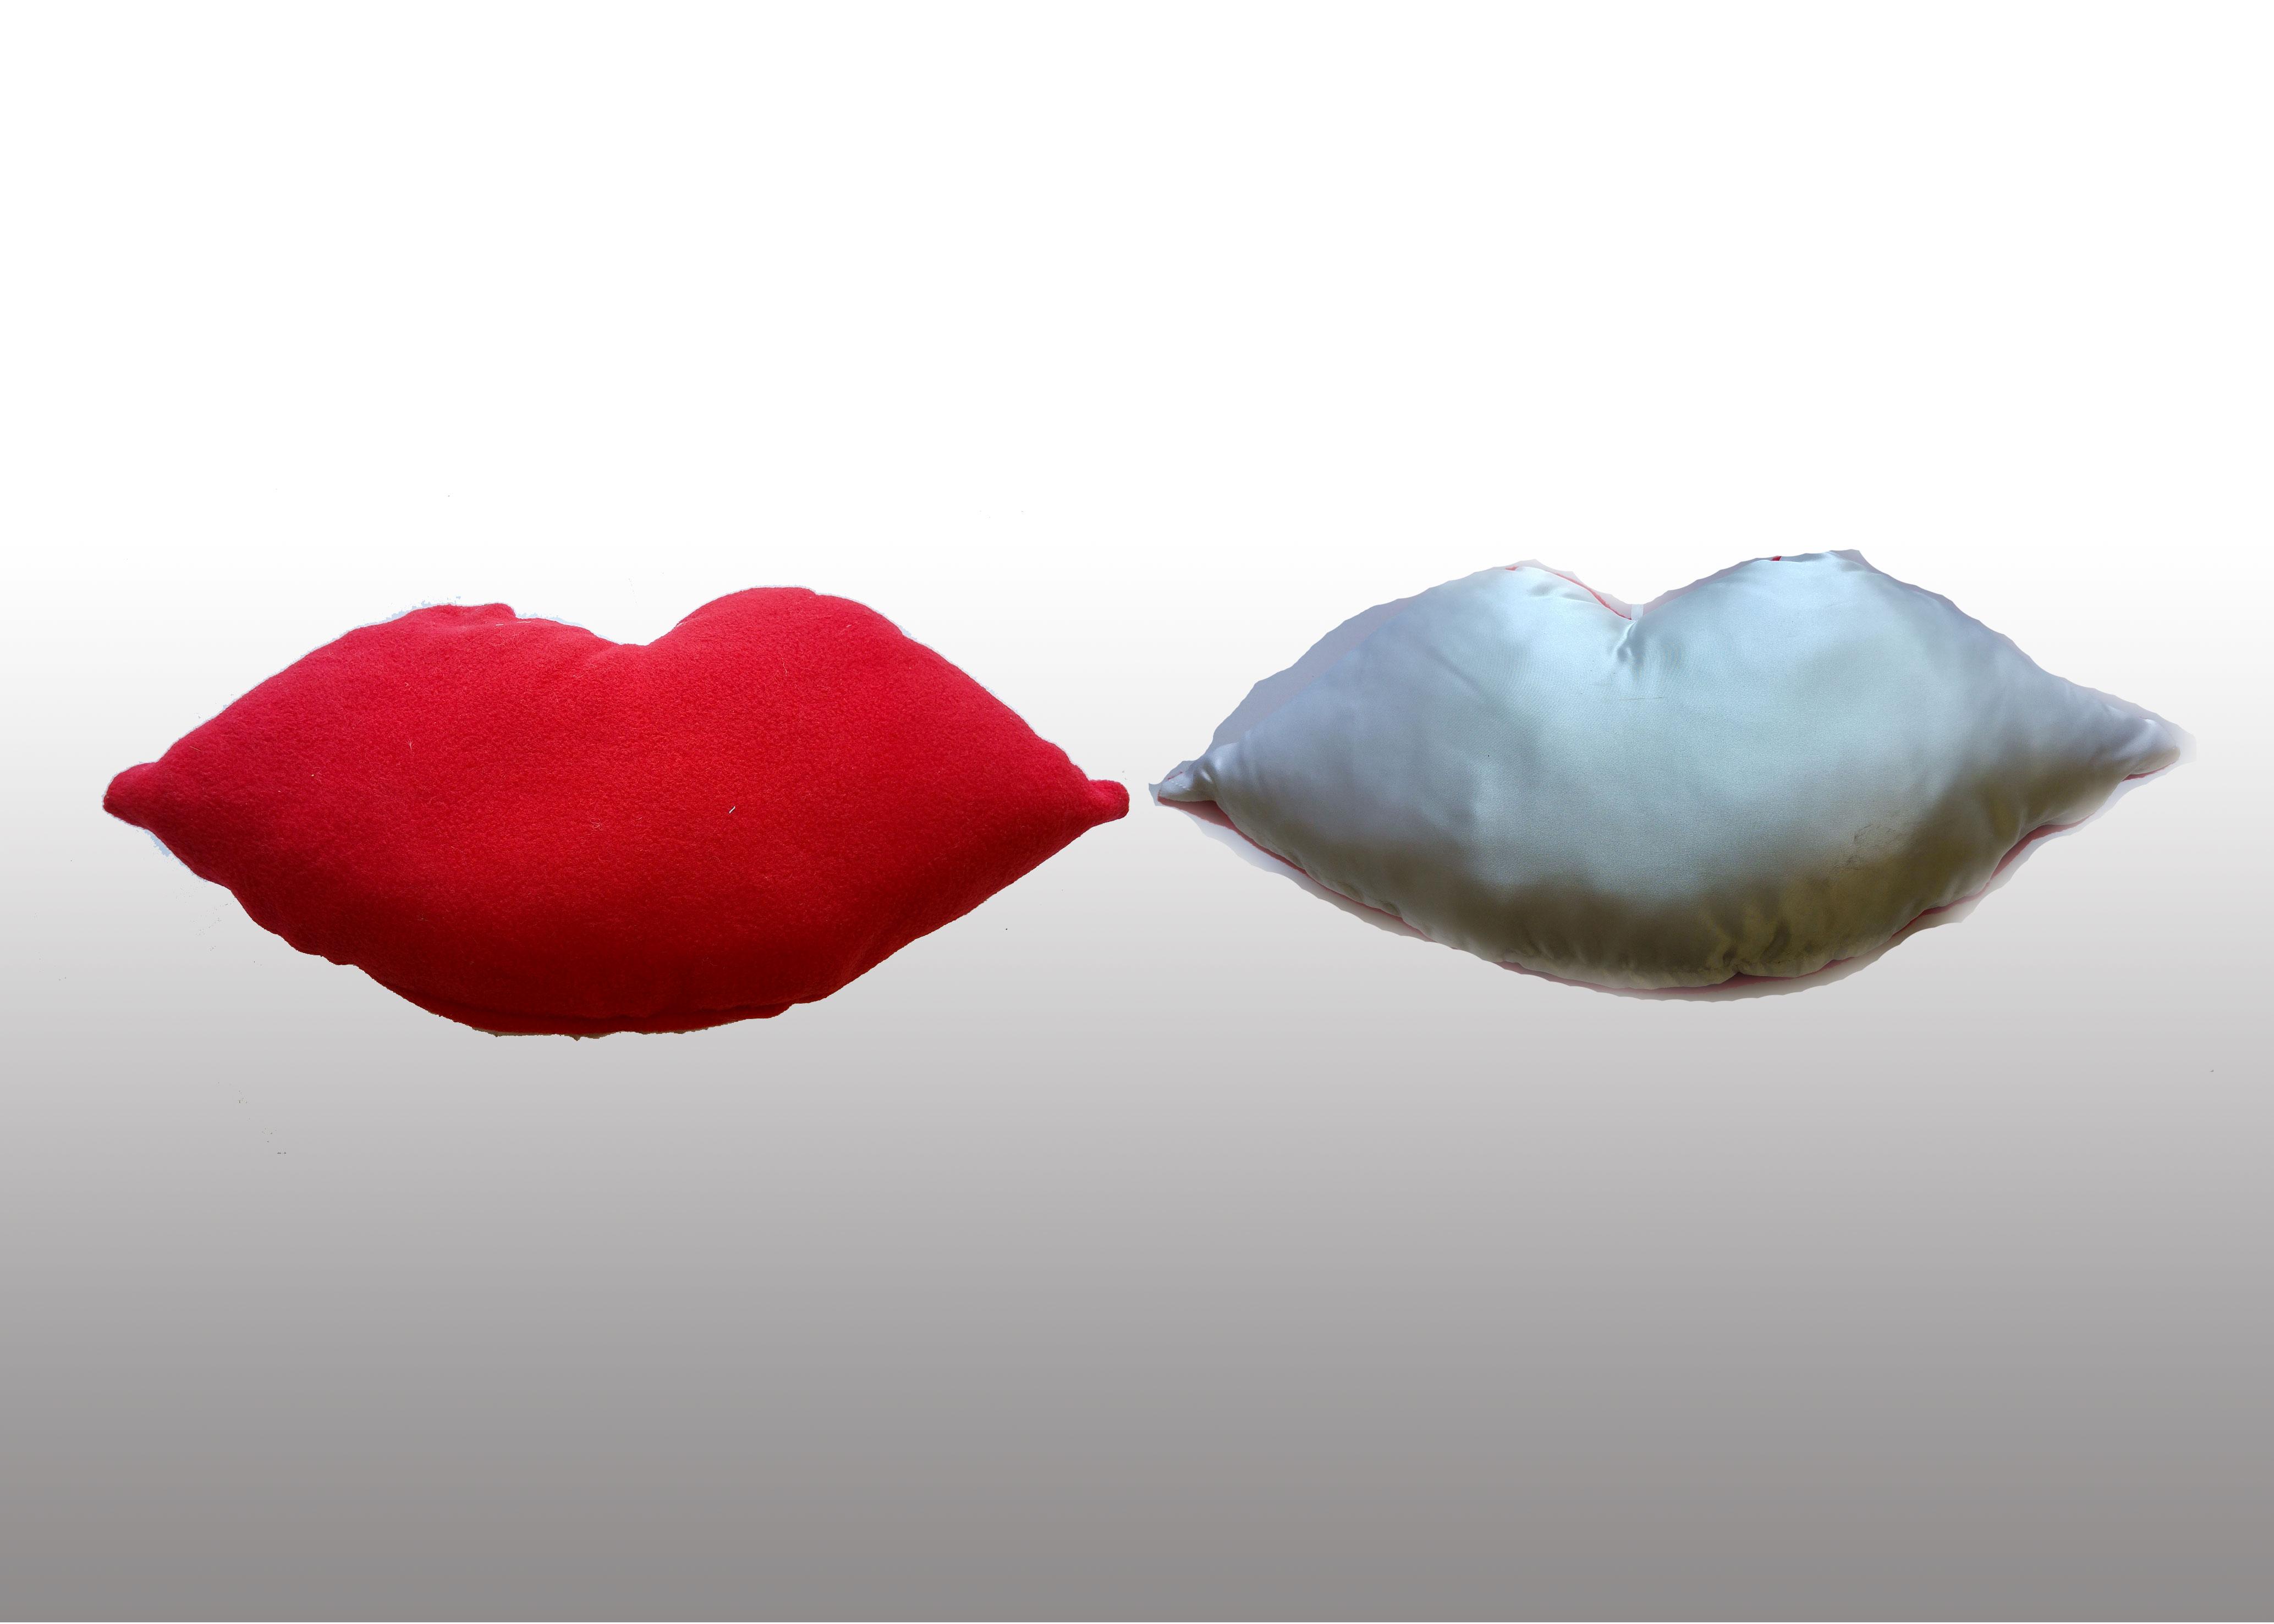 מתנות לאוהבים כרית שפתיים